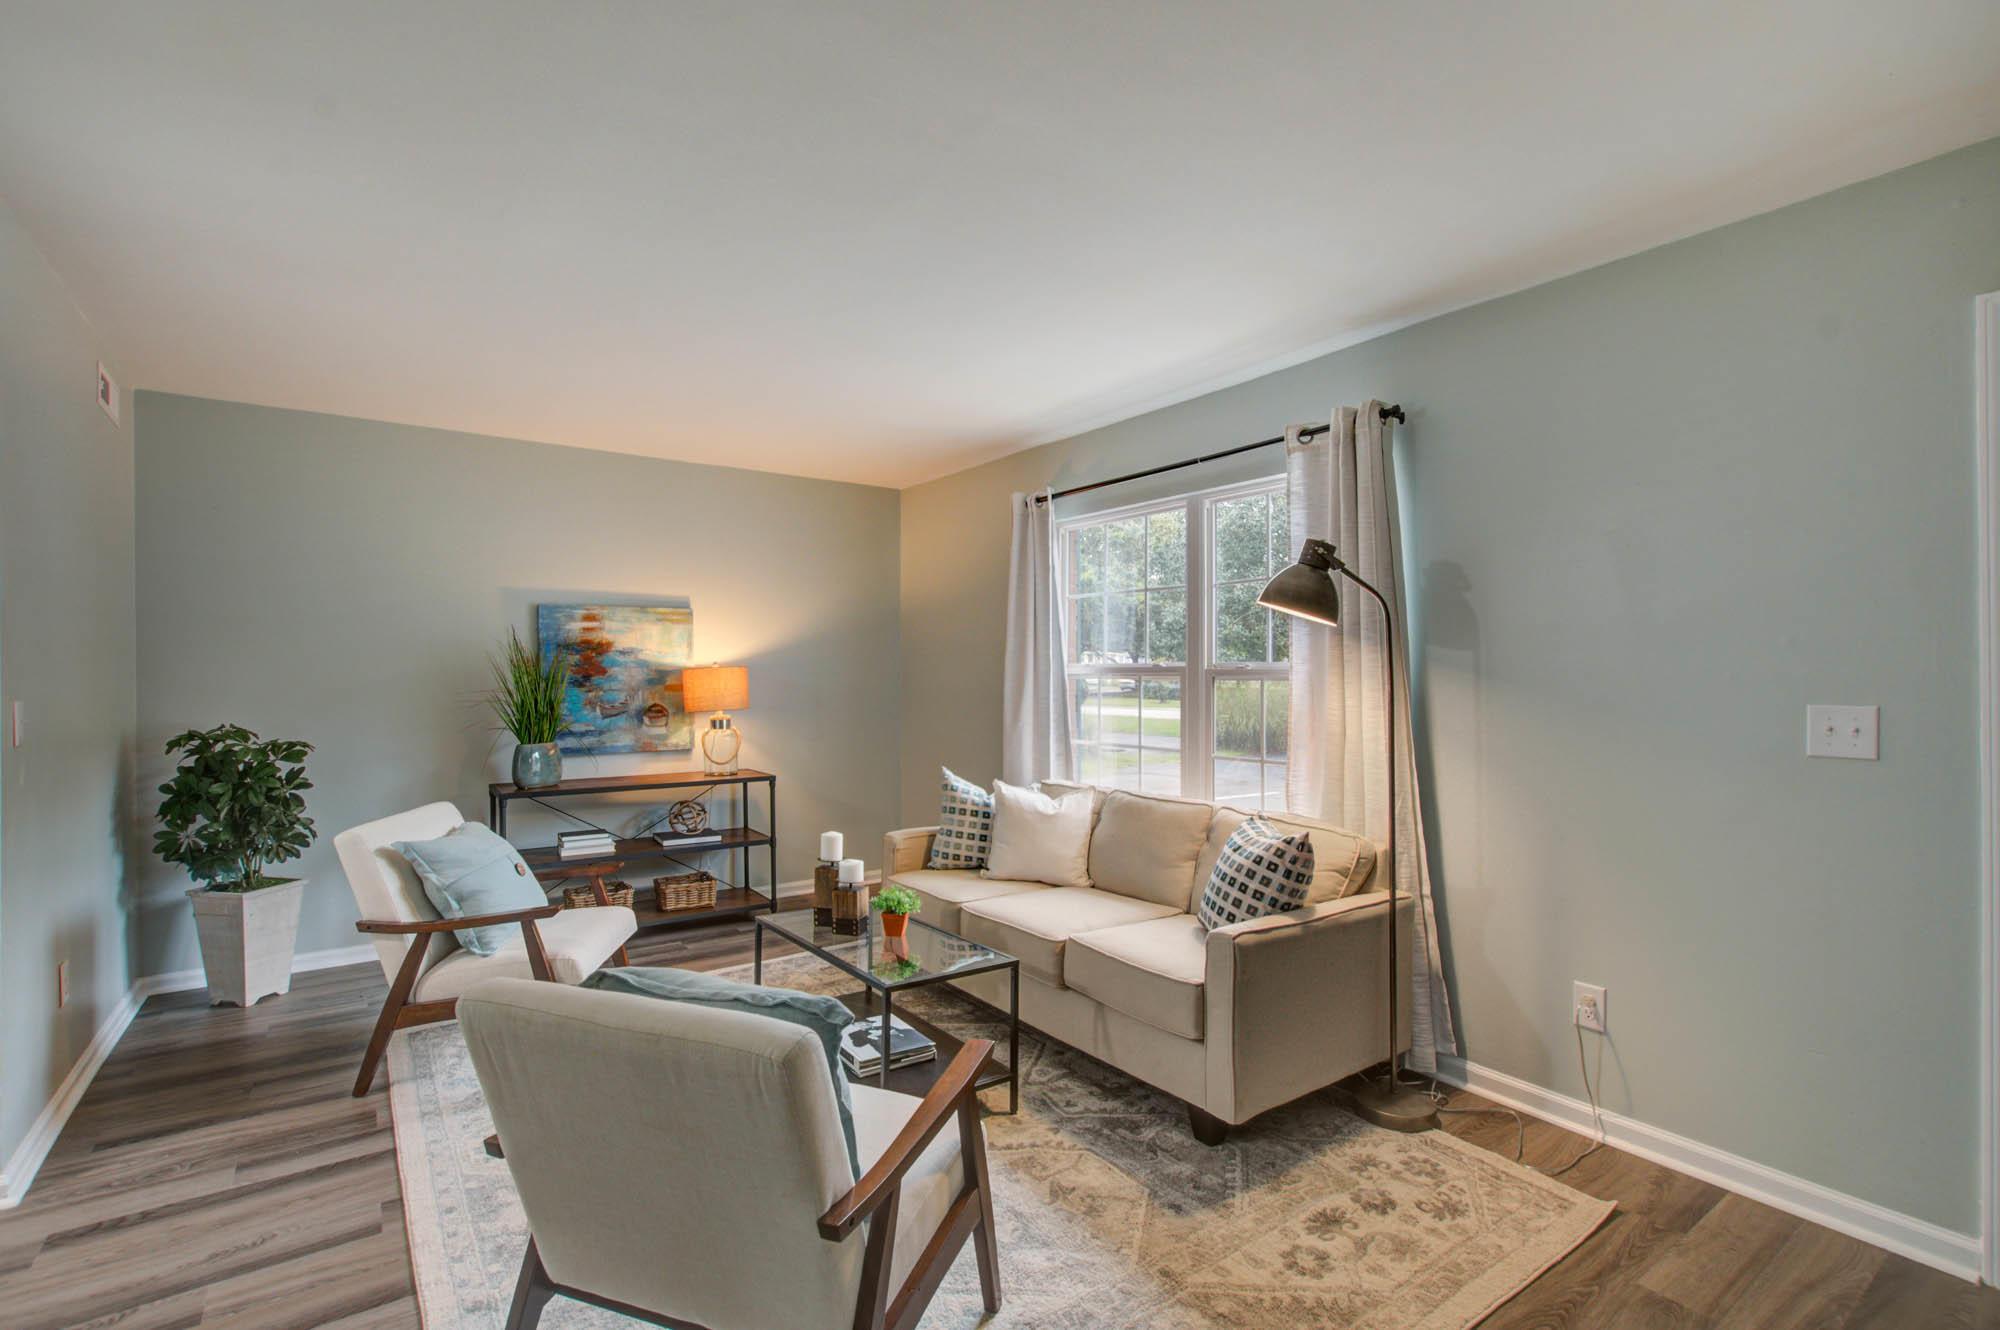 Wando East Homes For Sale - 1526 Nantahala, Mount Pleasant, SC - 1